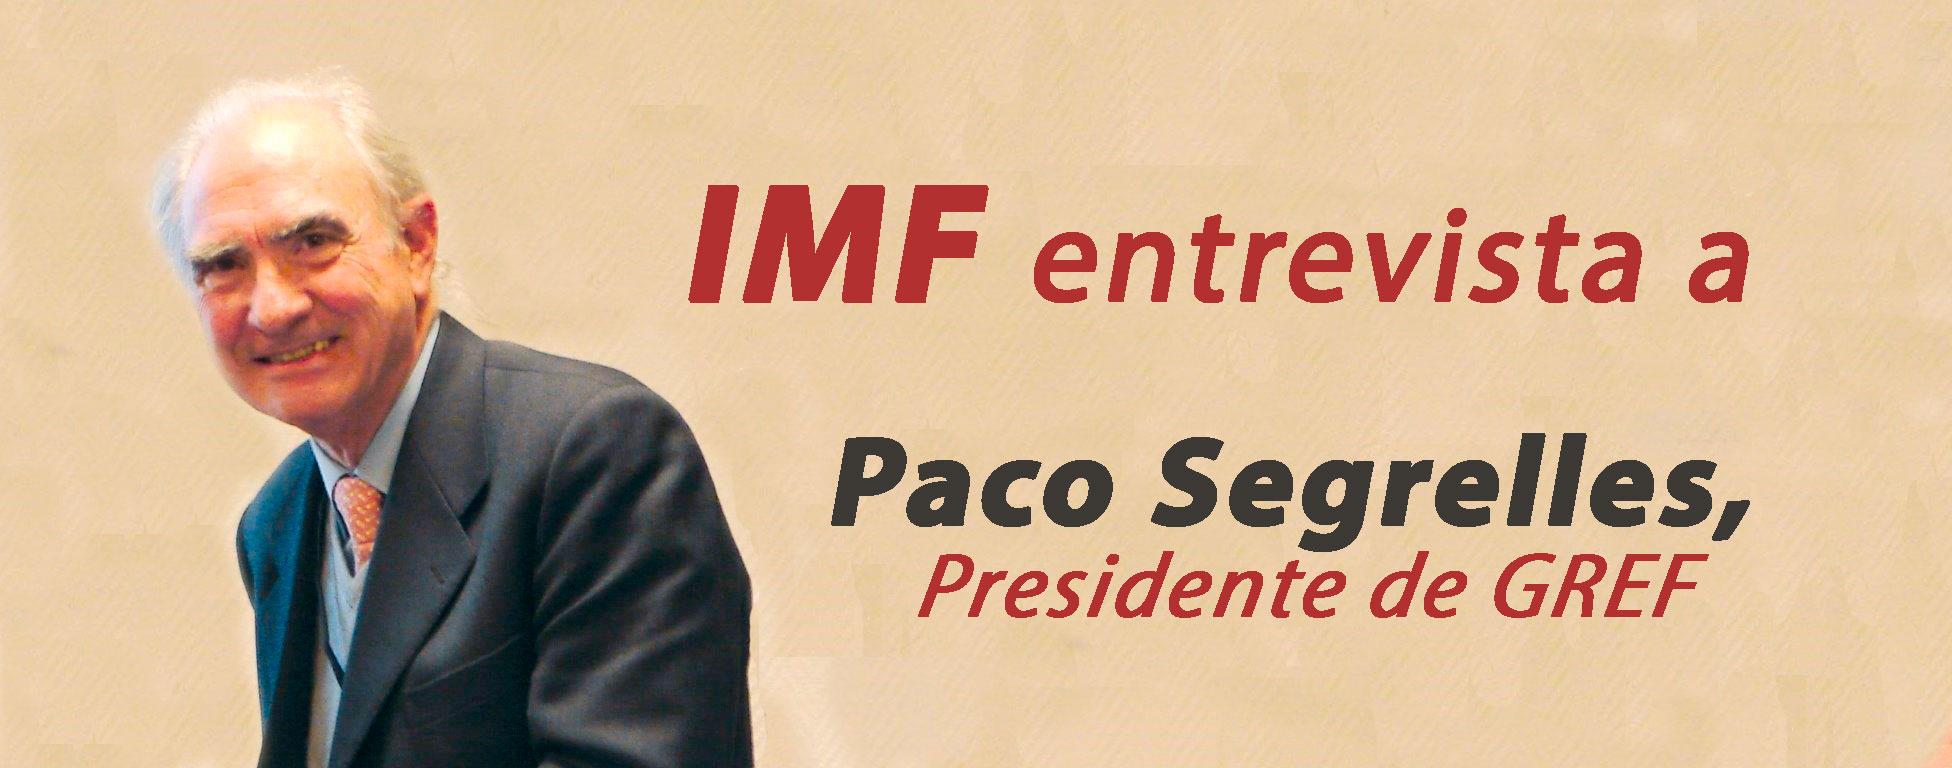 entrevista-paco-segrelles Paco Segrelles, Presidente de GREF